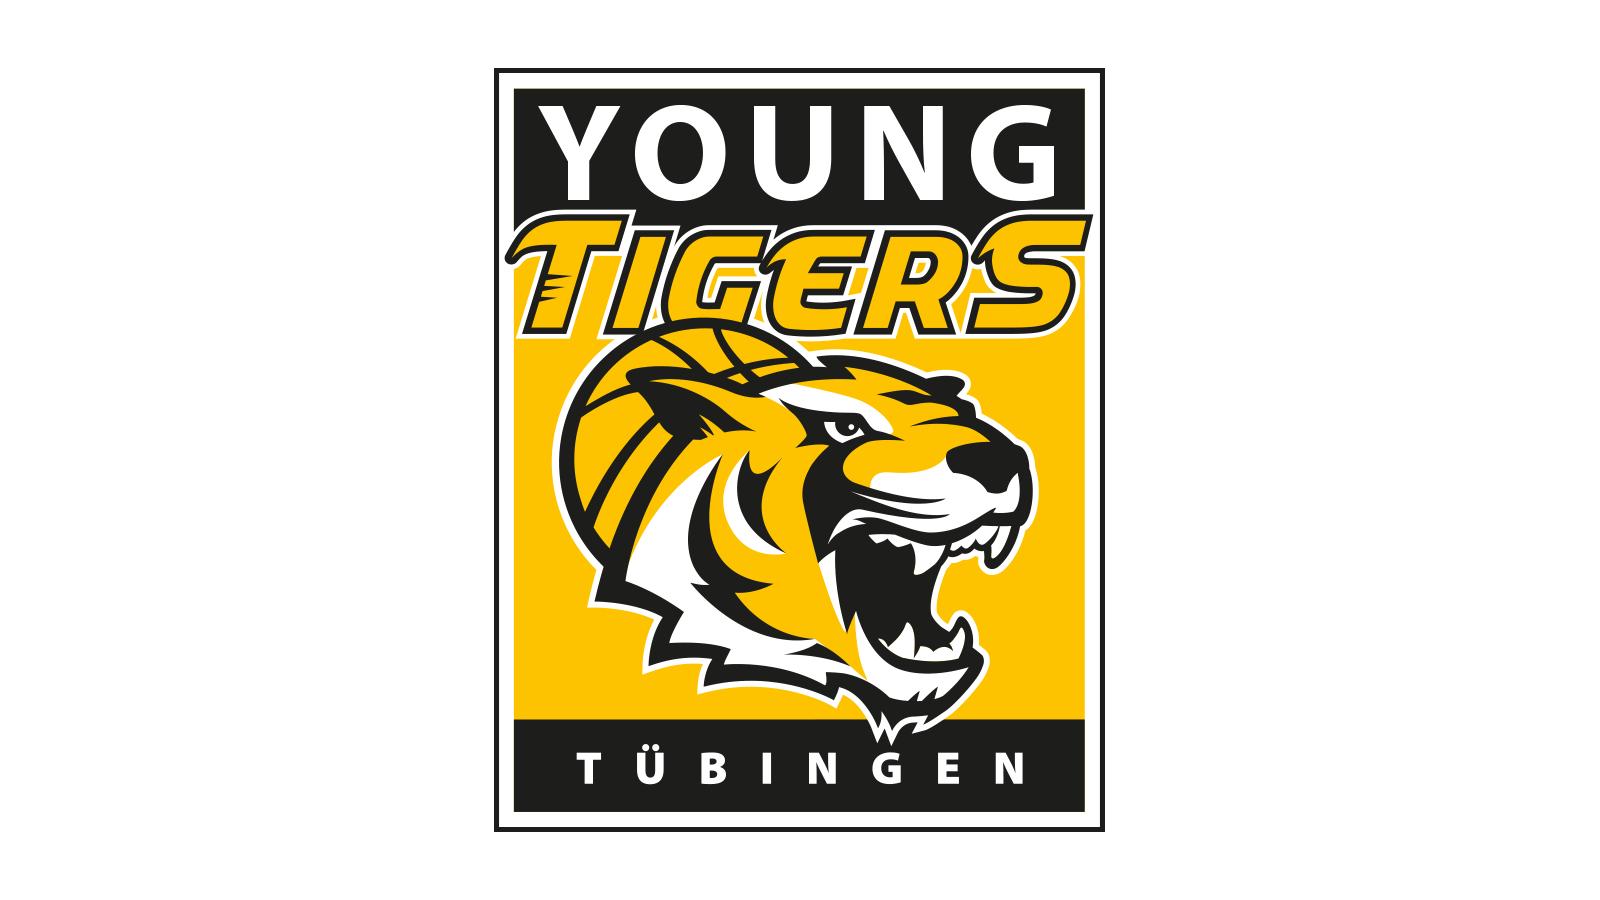 Logo_16x9_oung-Tigers-Tübingen